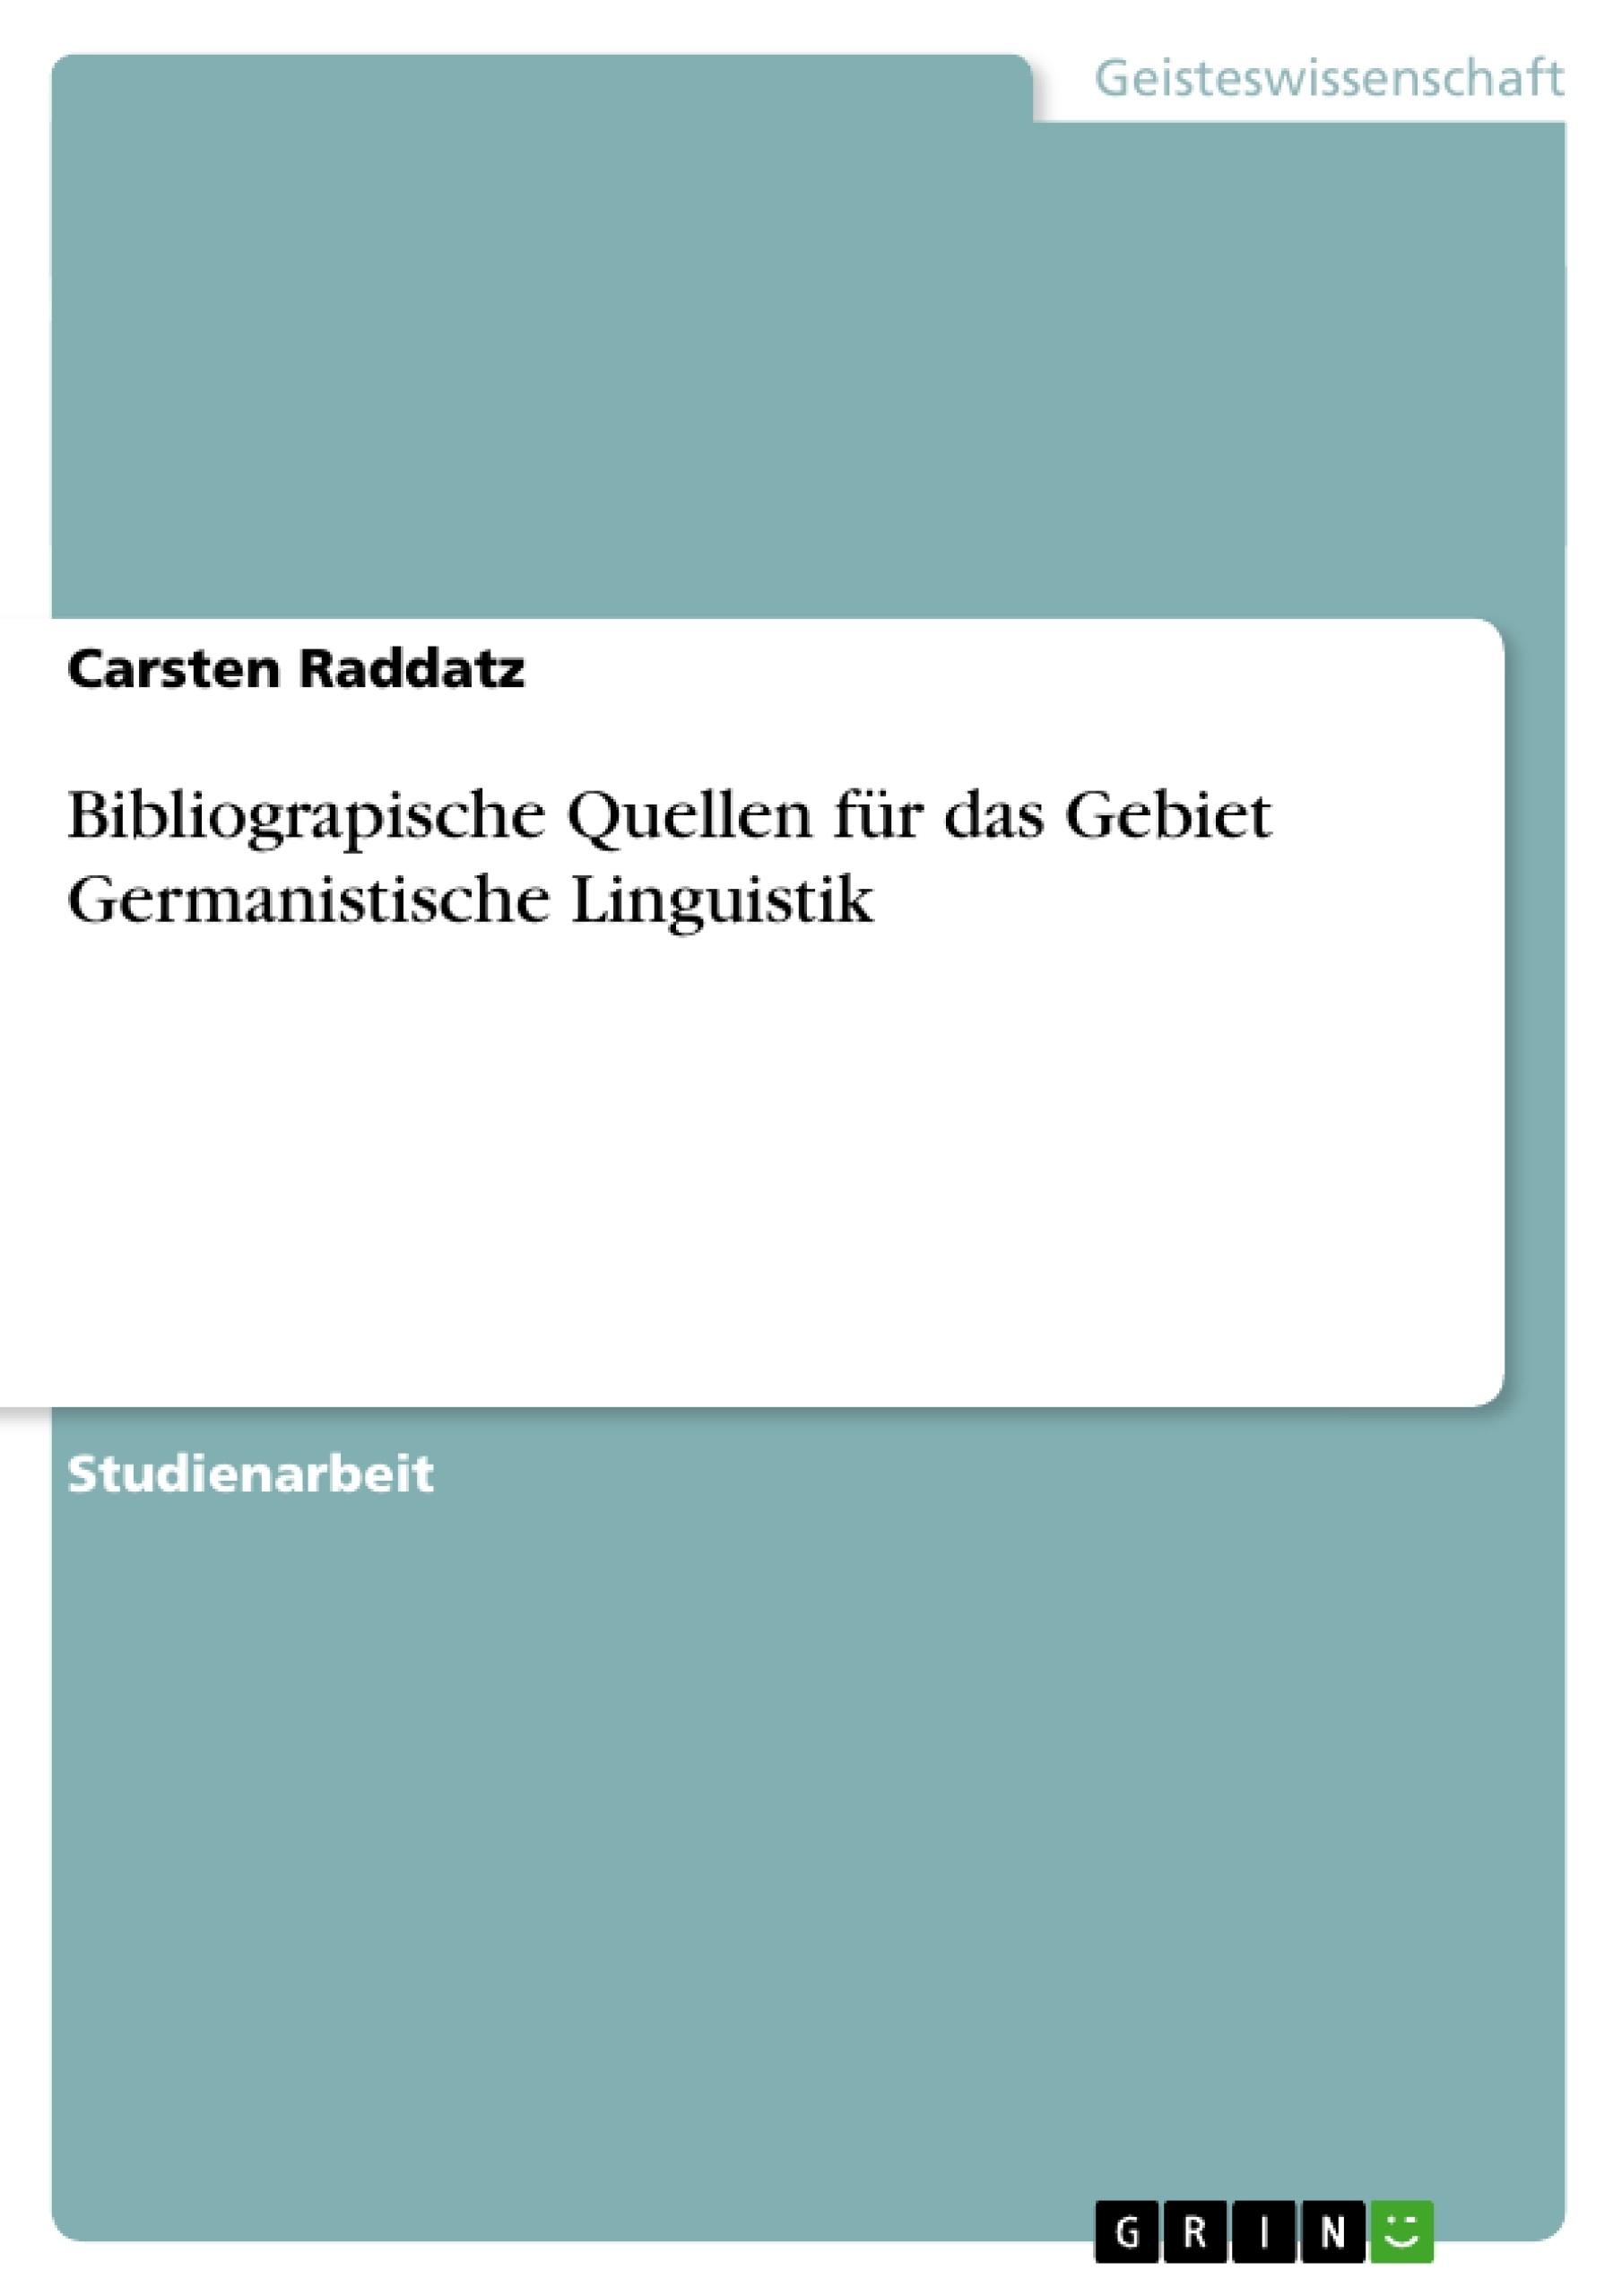 Titel: Bibliograpische Quellen für das Gebiet Germanistische Linguistik